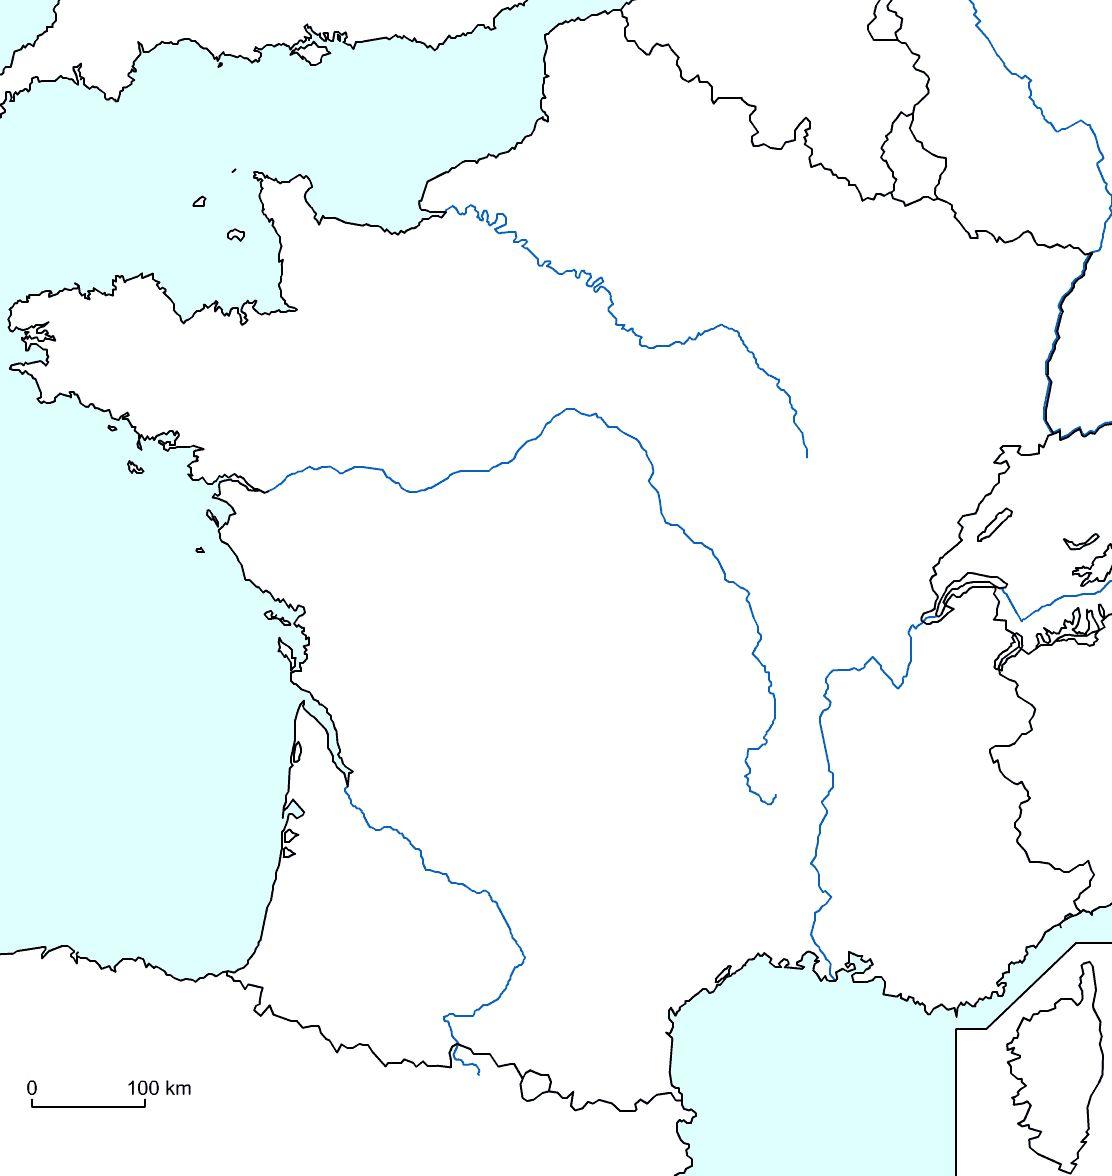 Geographie et histoire au cp, ce1, ce2, cm1, cm2